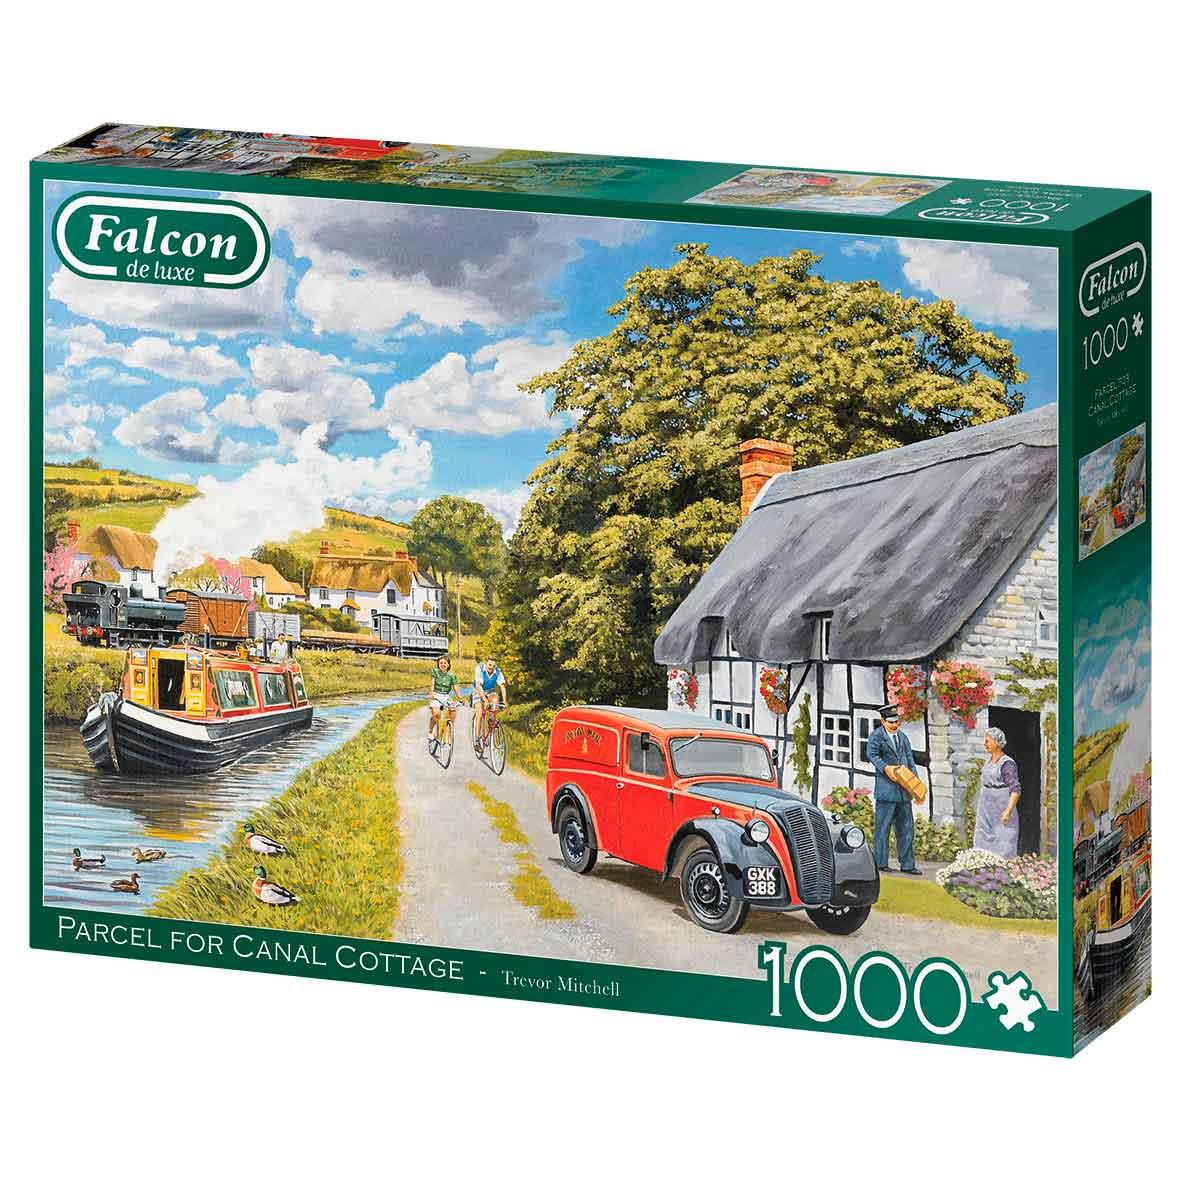 Puzzle Falcon Paquete Para La Casa del Canal de 1000 Piezas